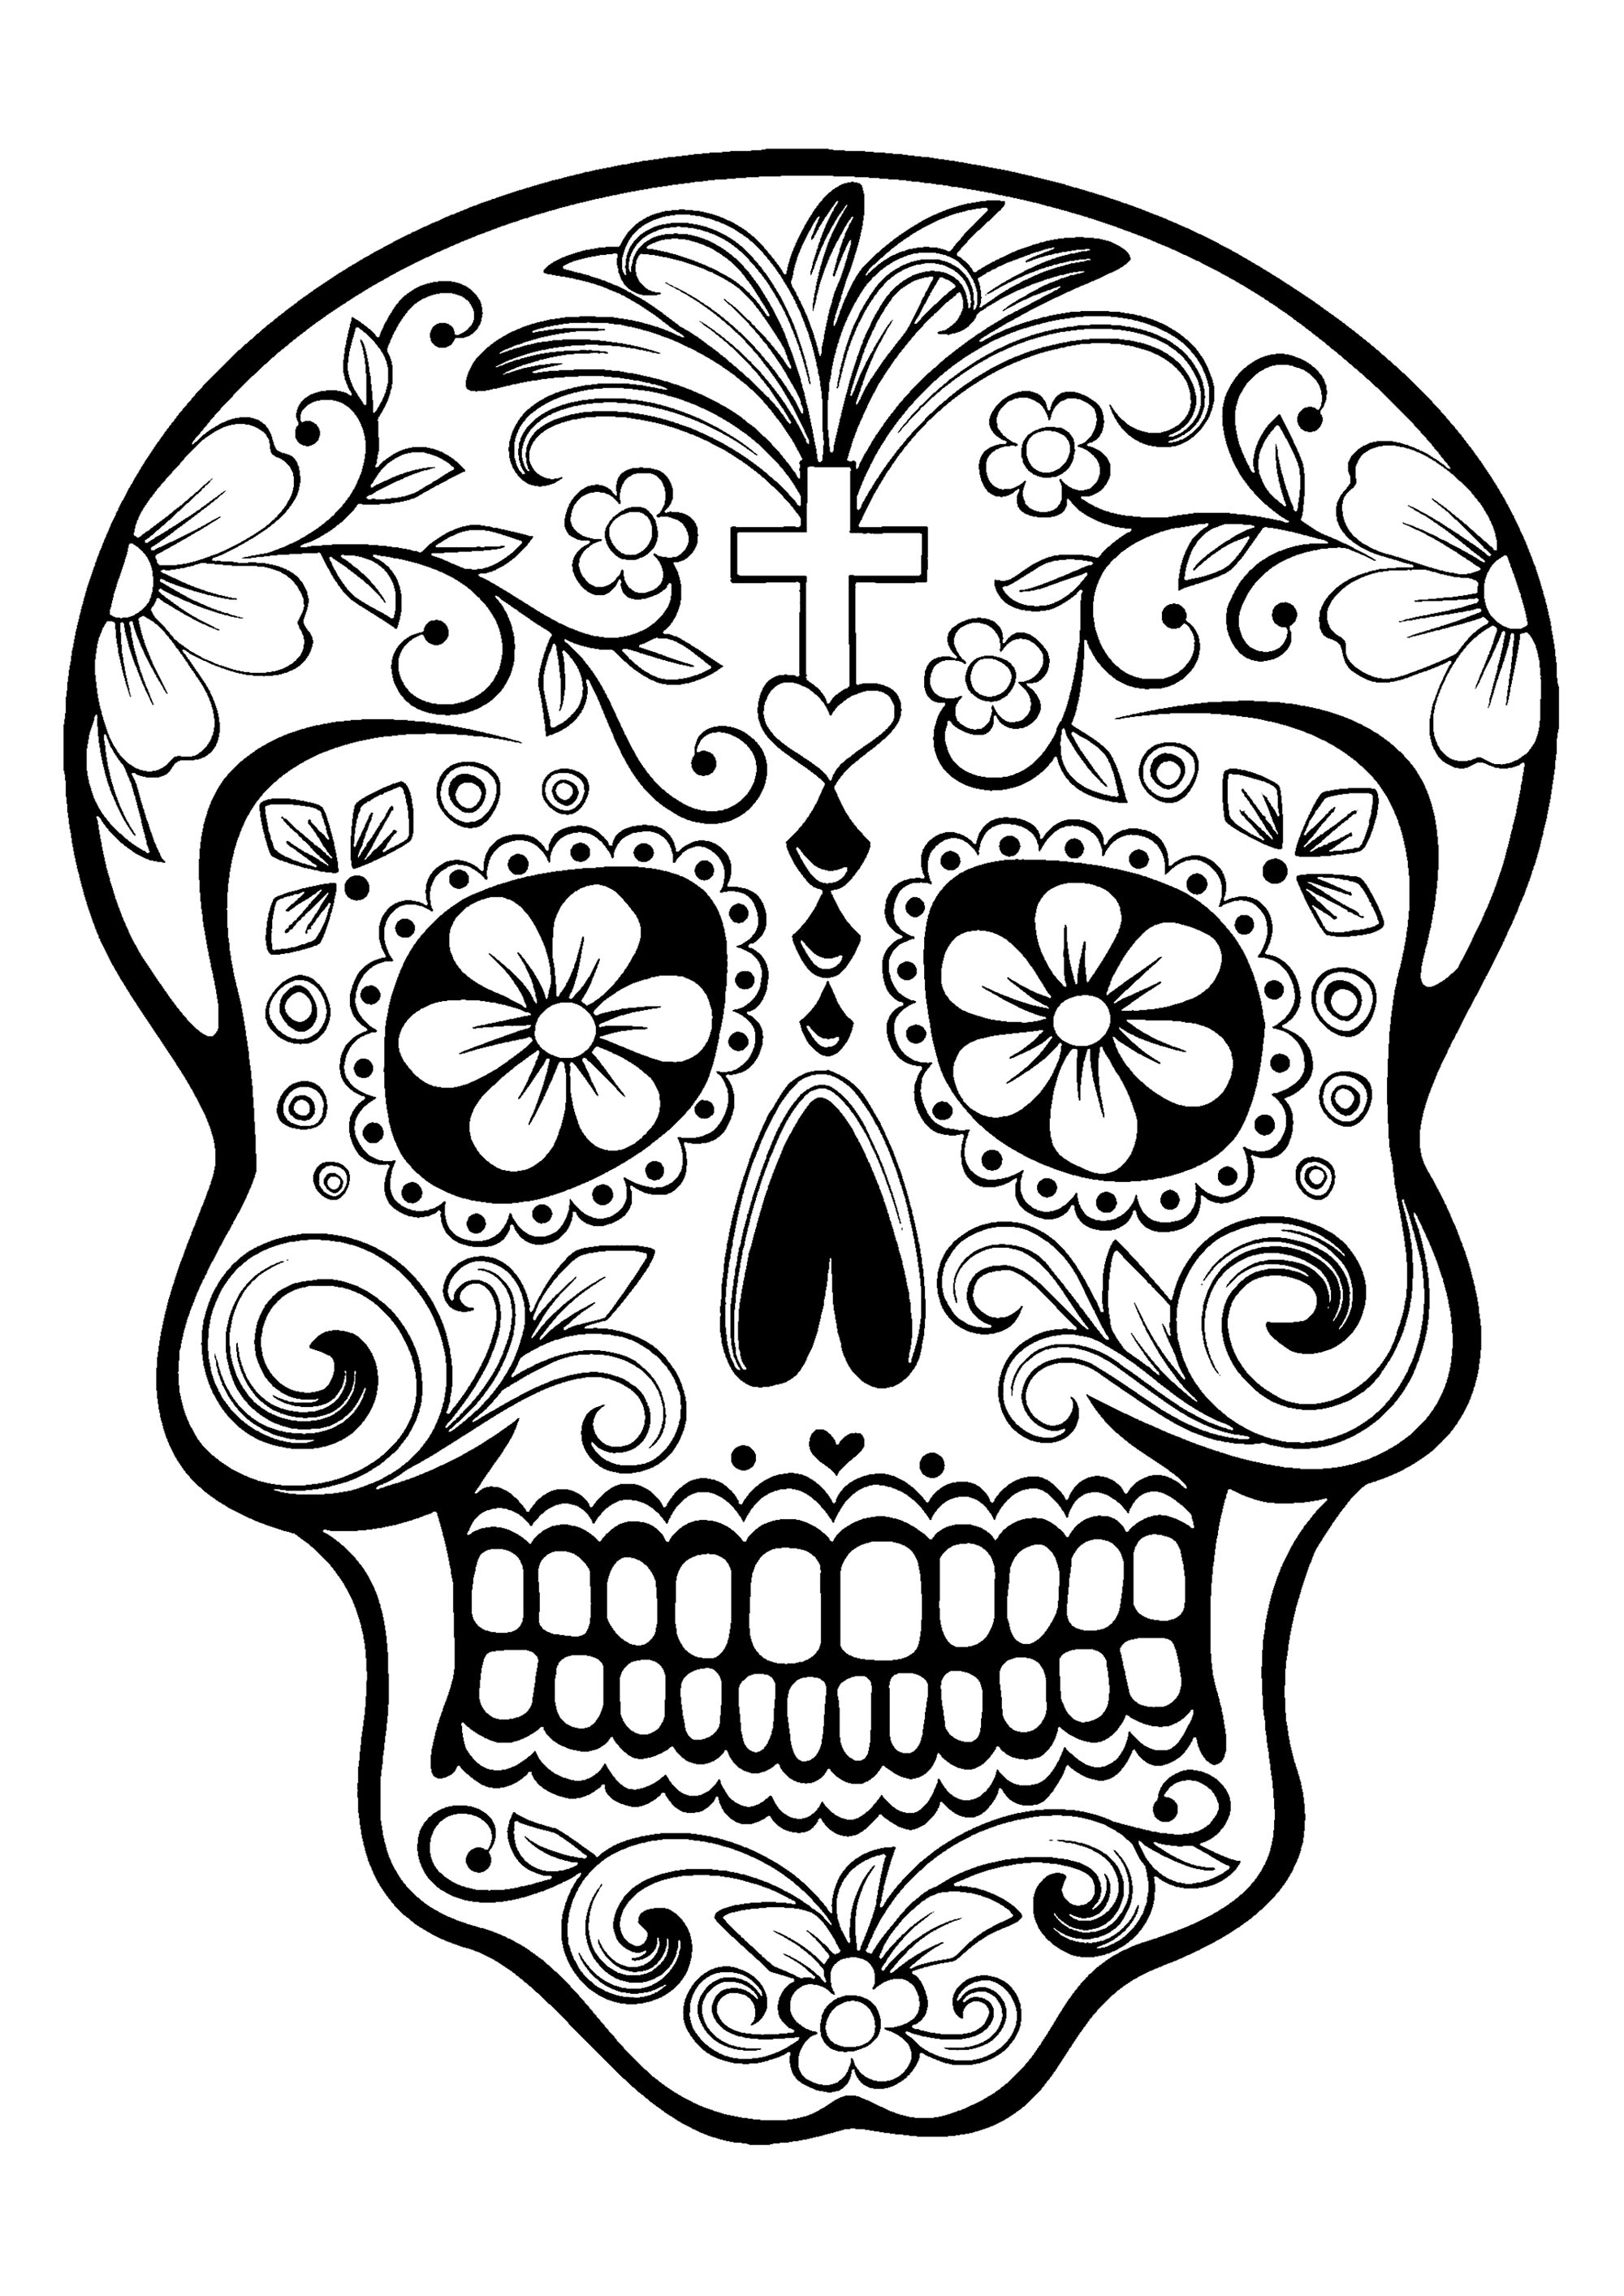 Disegni da colorare per adulti : El Dia De Los Muertos - 1